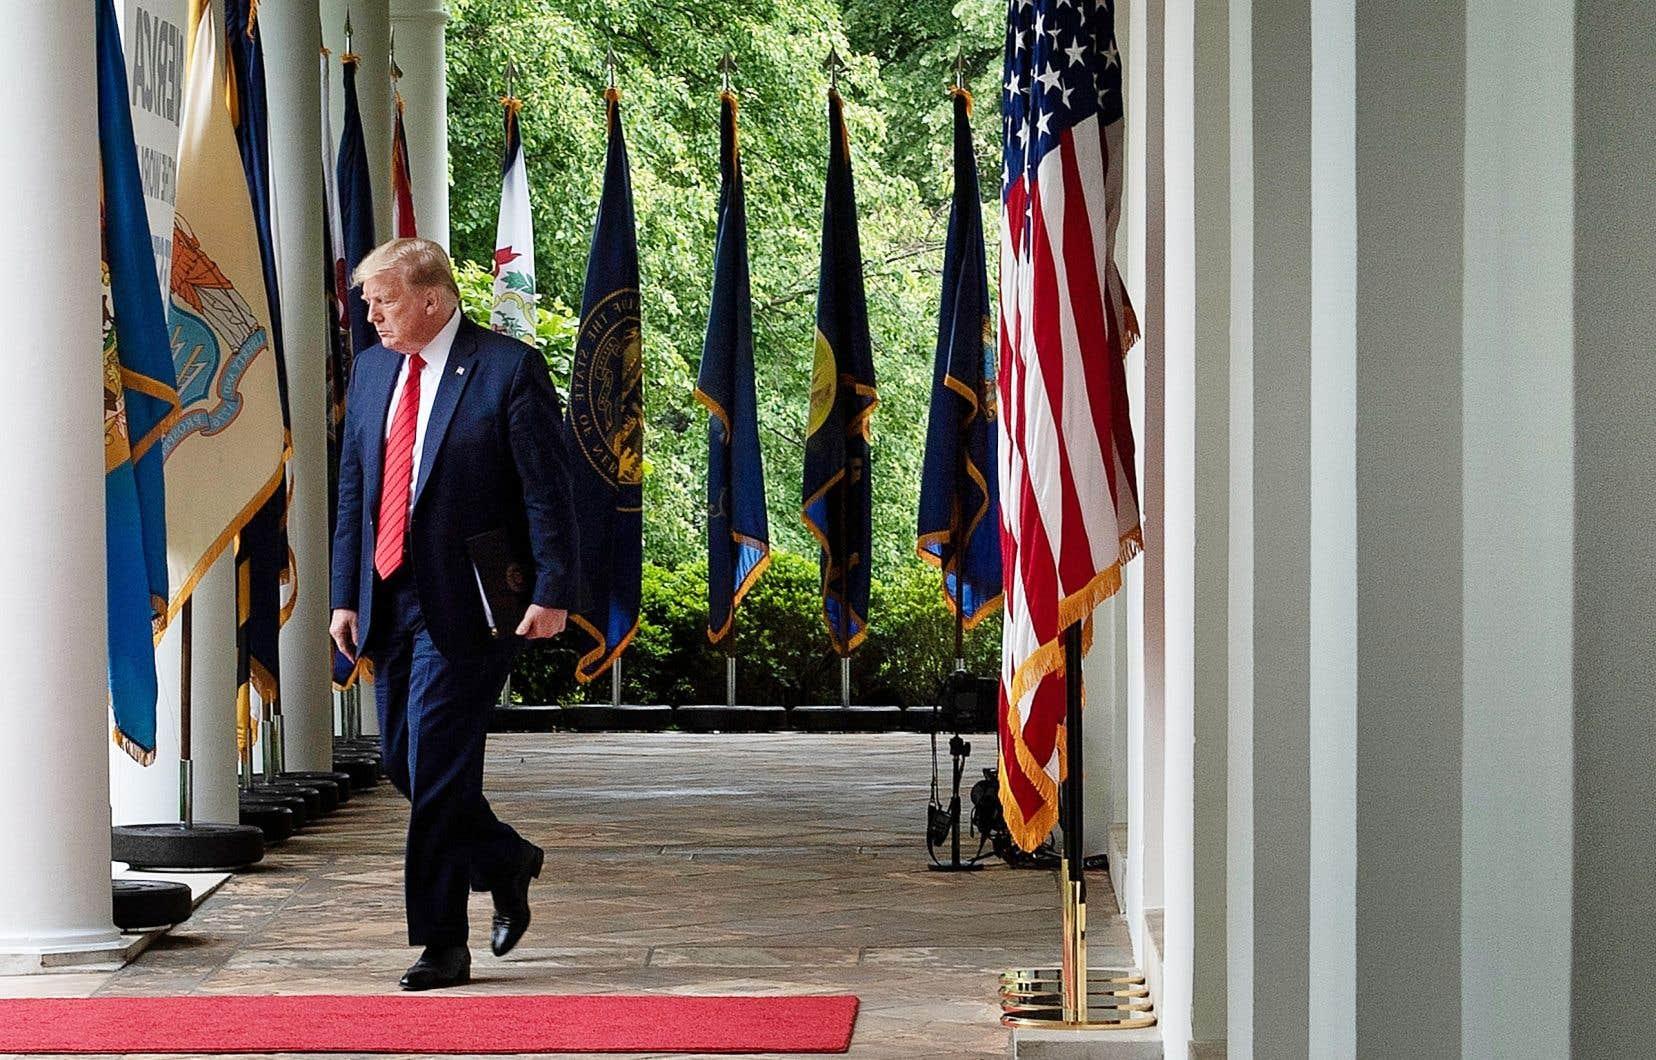 Selon les avocats de Donald Trump, le président jouit d'une immunité totale pendant son mandat.